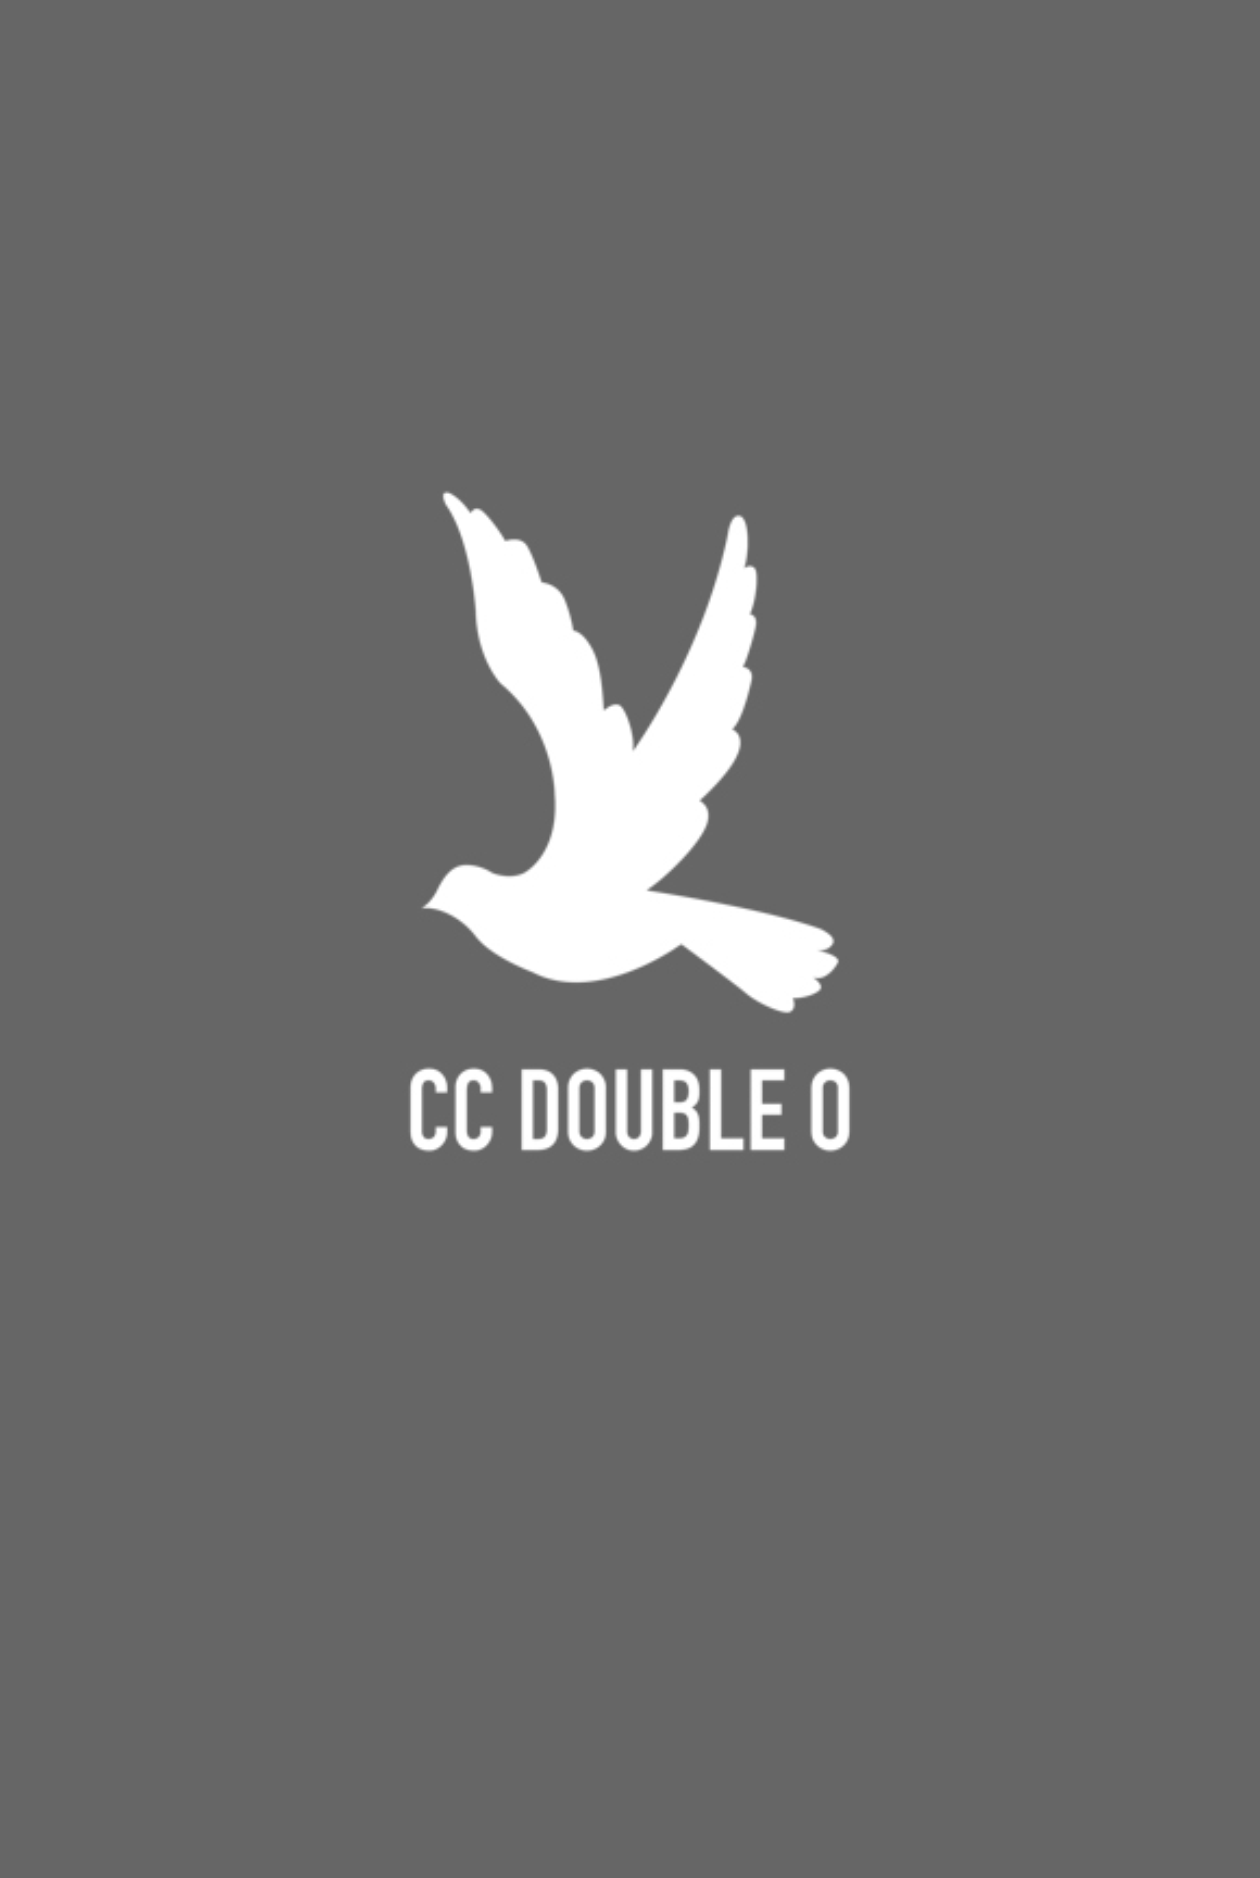 Bird Logo Polo What S New Cc Double O